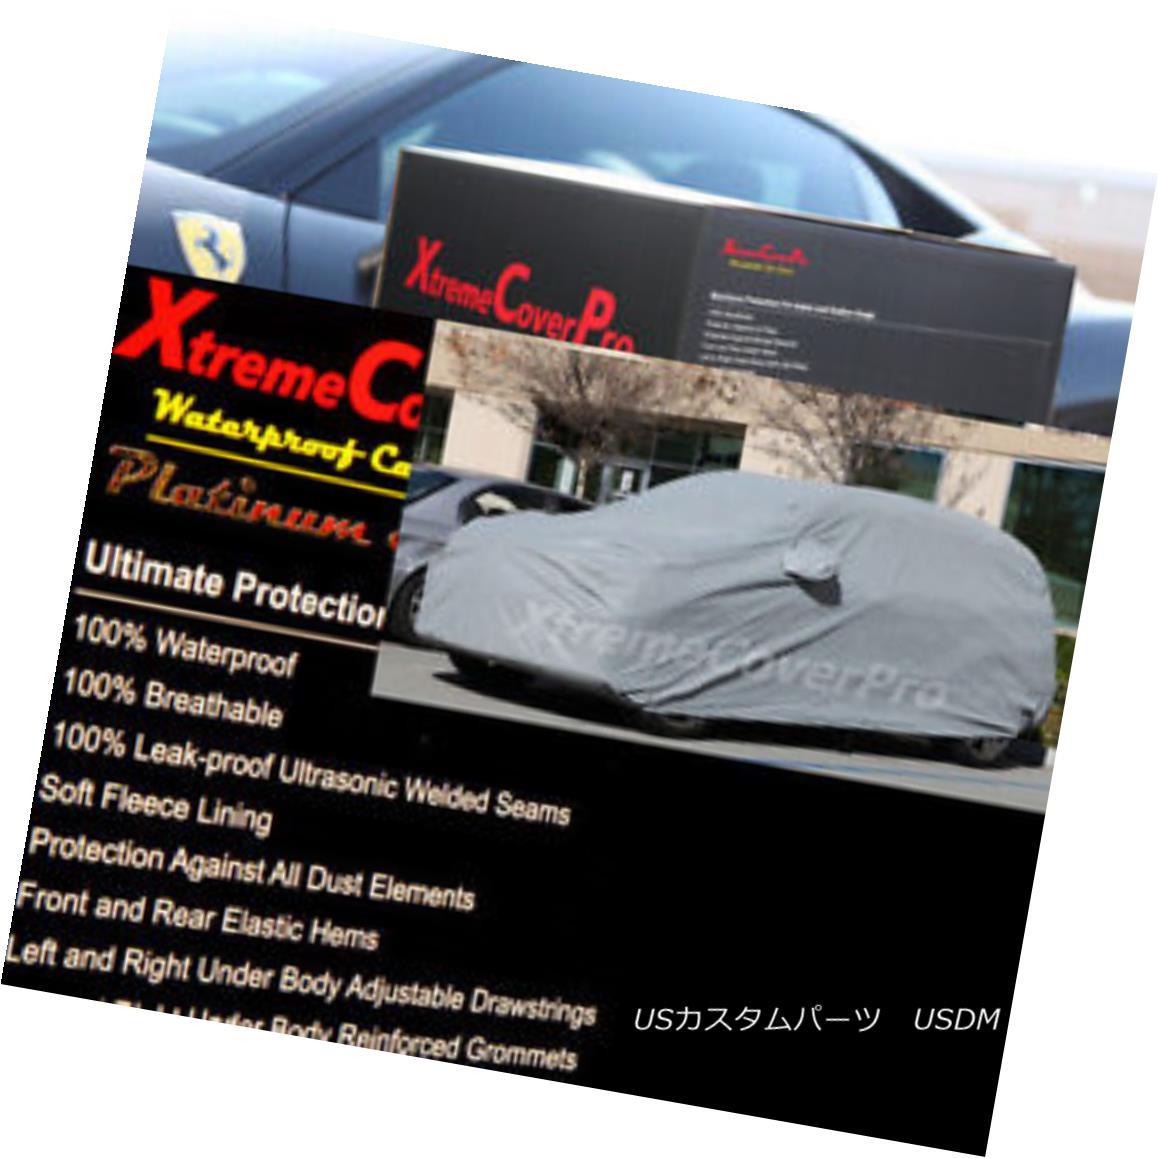 カーカバー 2015 CHRYSLER TOWN & COUNTRY Waterproof Car Cover w/Mirror Pockets - Gray 2015 CHRYSLER TOWN& カントリー防水カーカバー付き/ミラーポケット - グレー